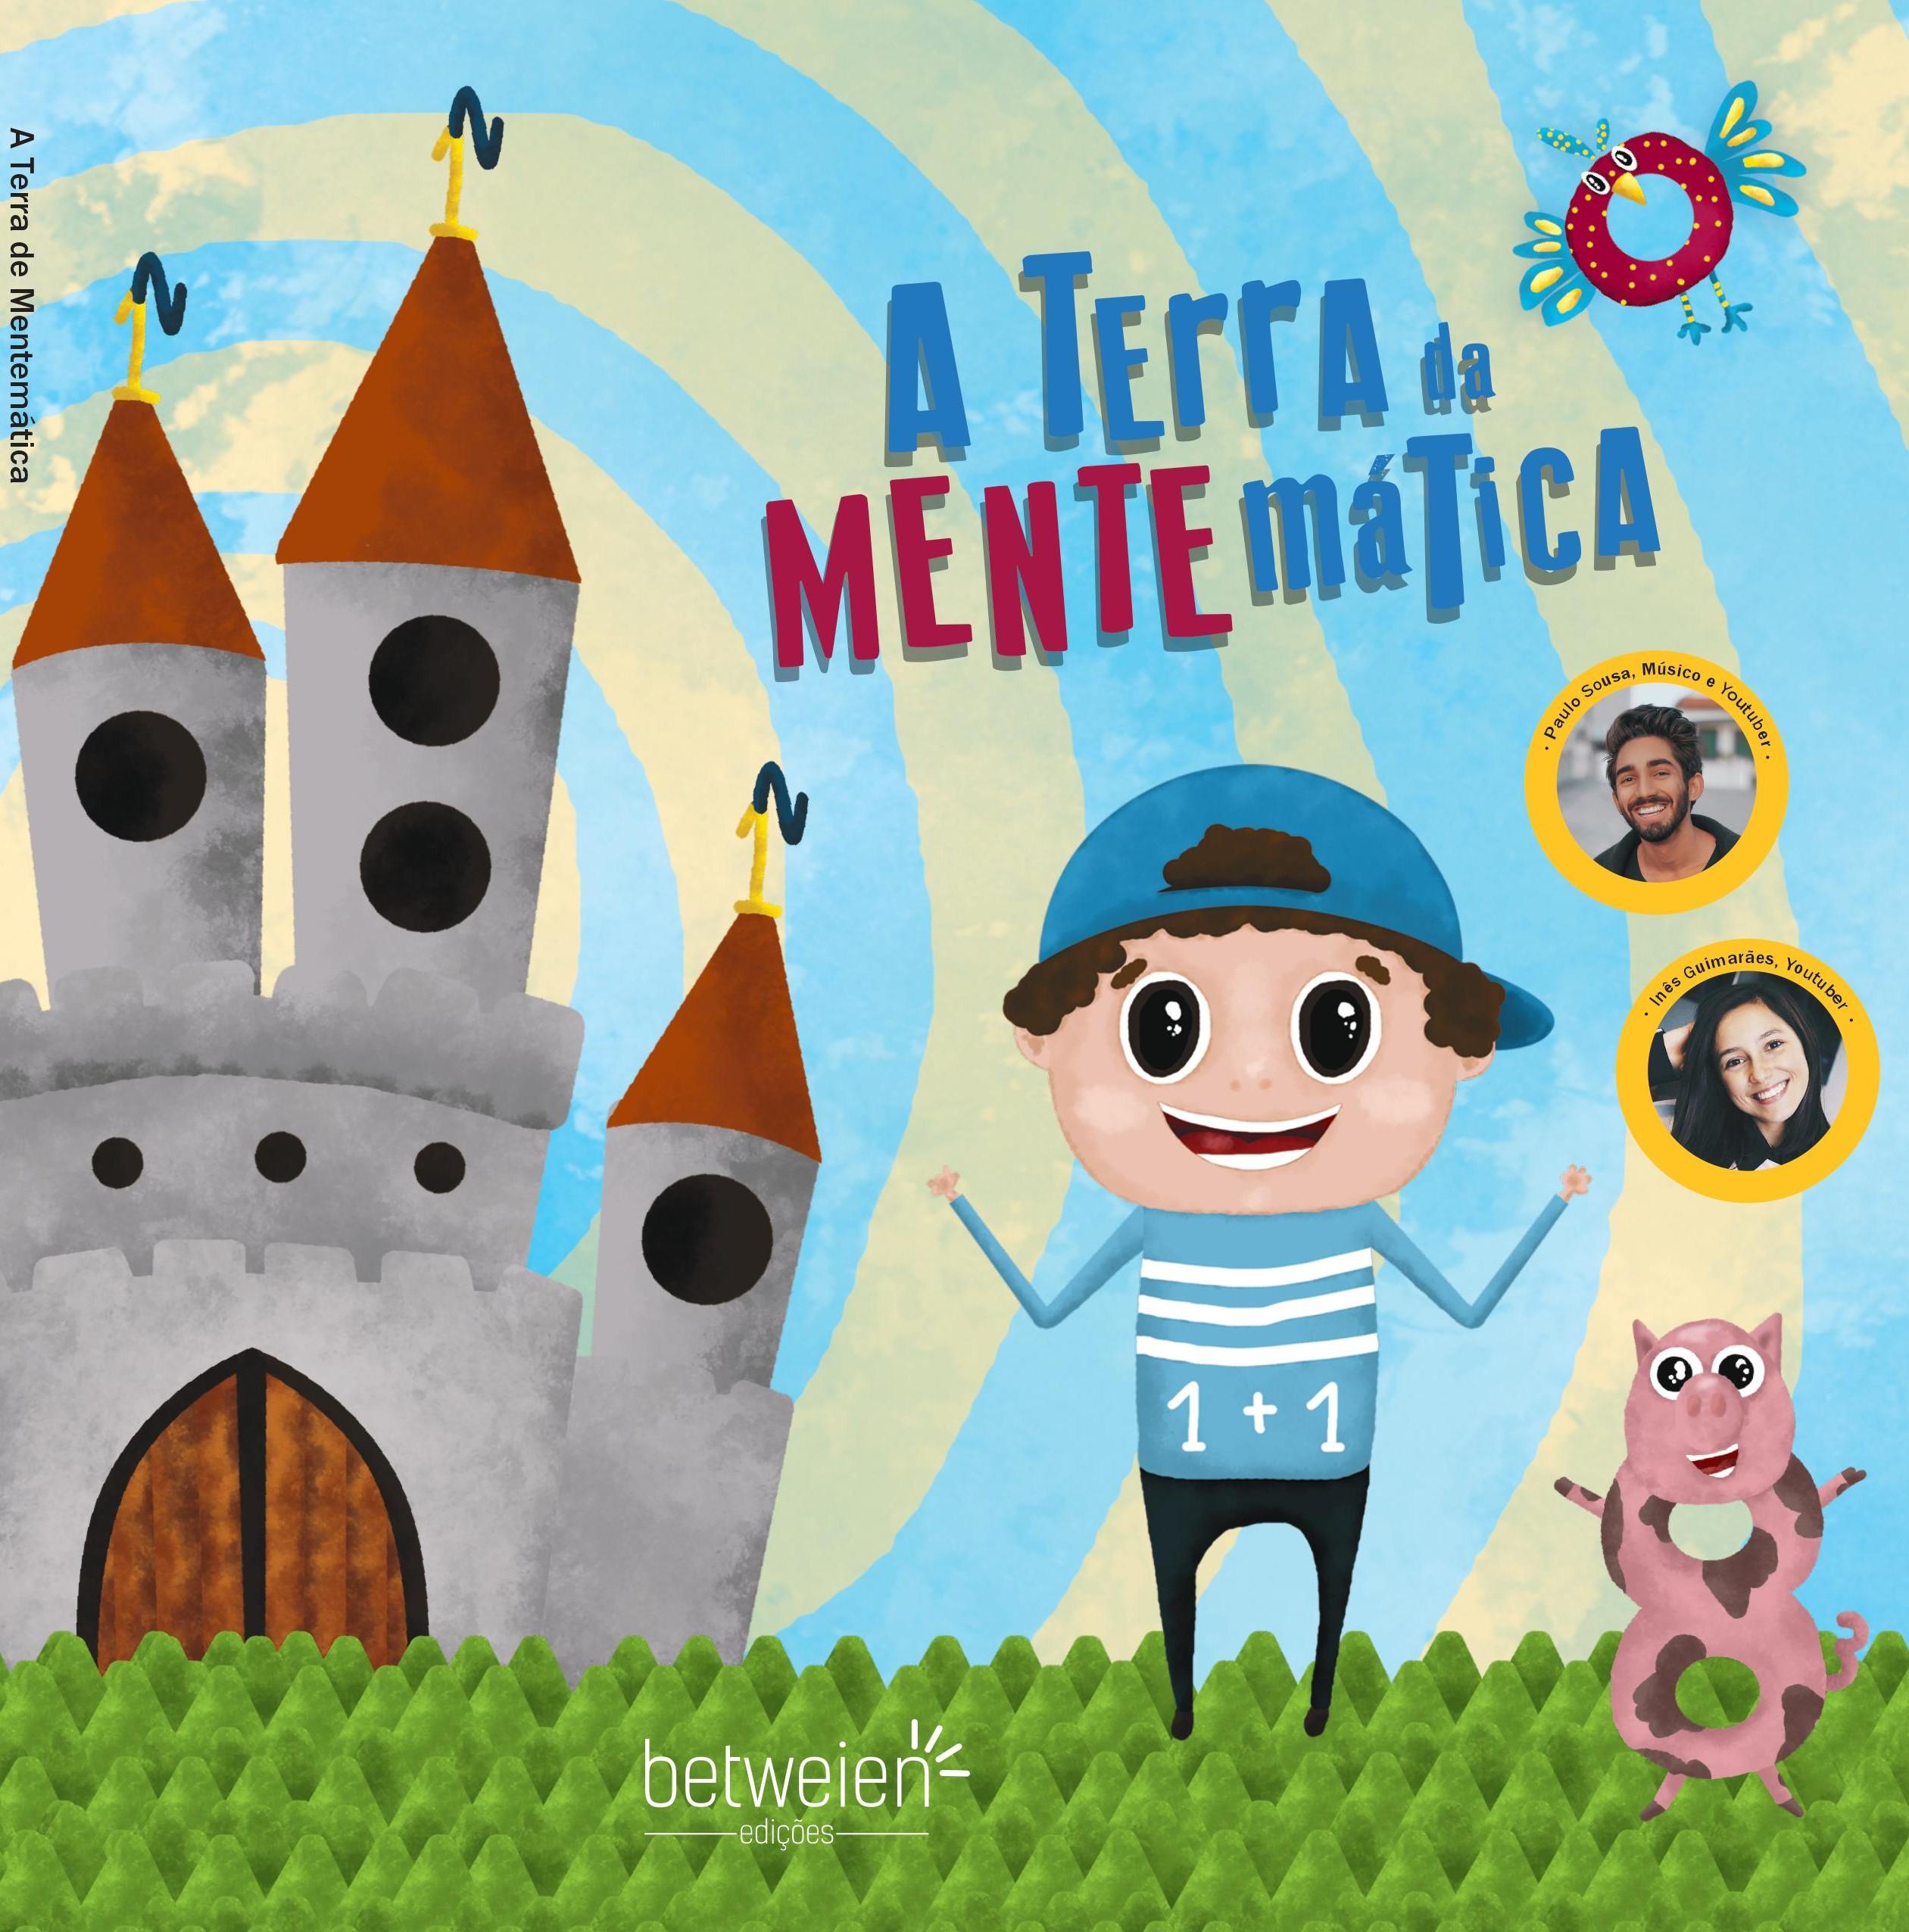 capa_A_Terra_da_Mentemática_final